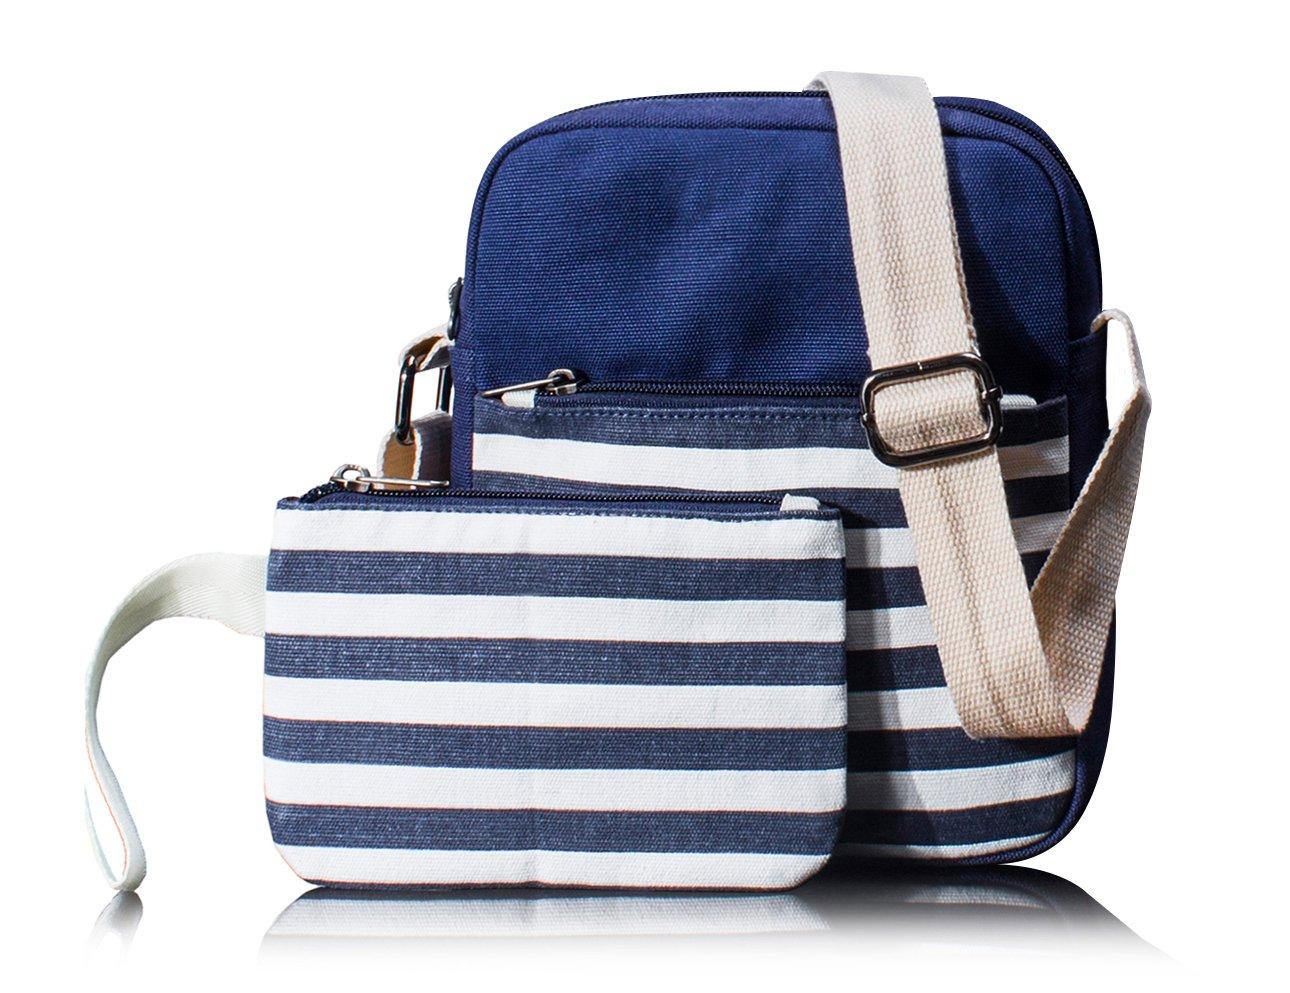 Canvas Messenger Bag Crossbody Bags for Women Purse Travel Shoulder Bag Pencil Case 2 PCS by Leaper (Blue)